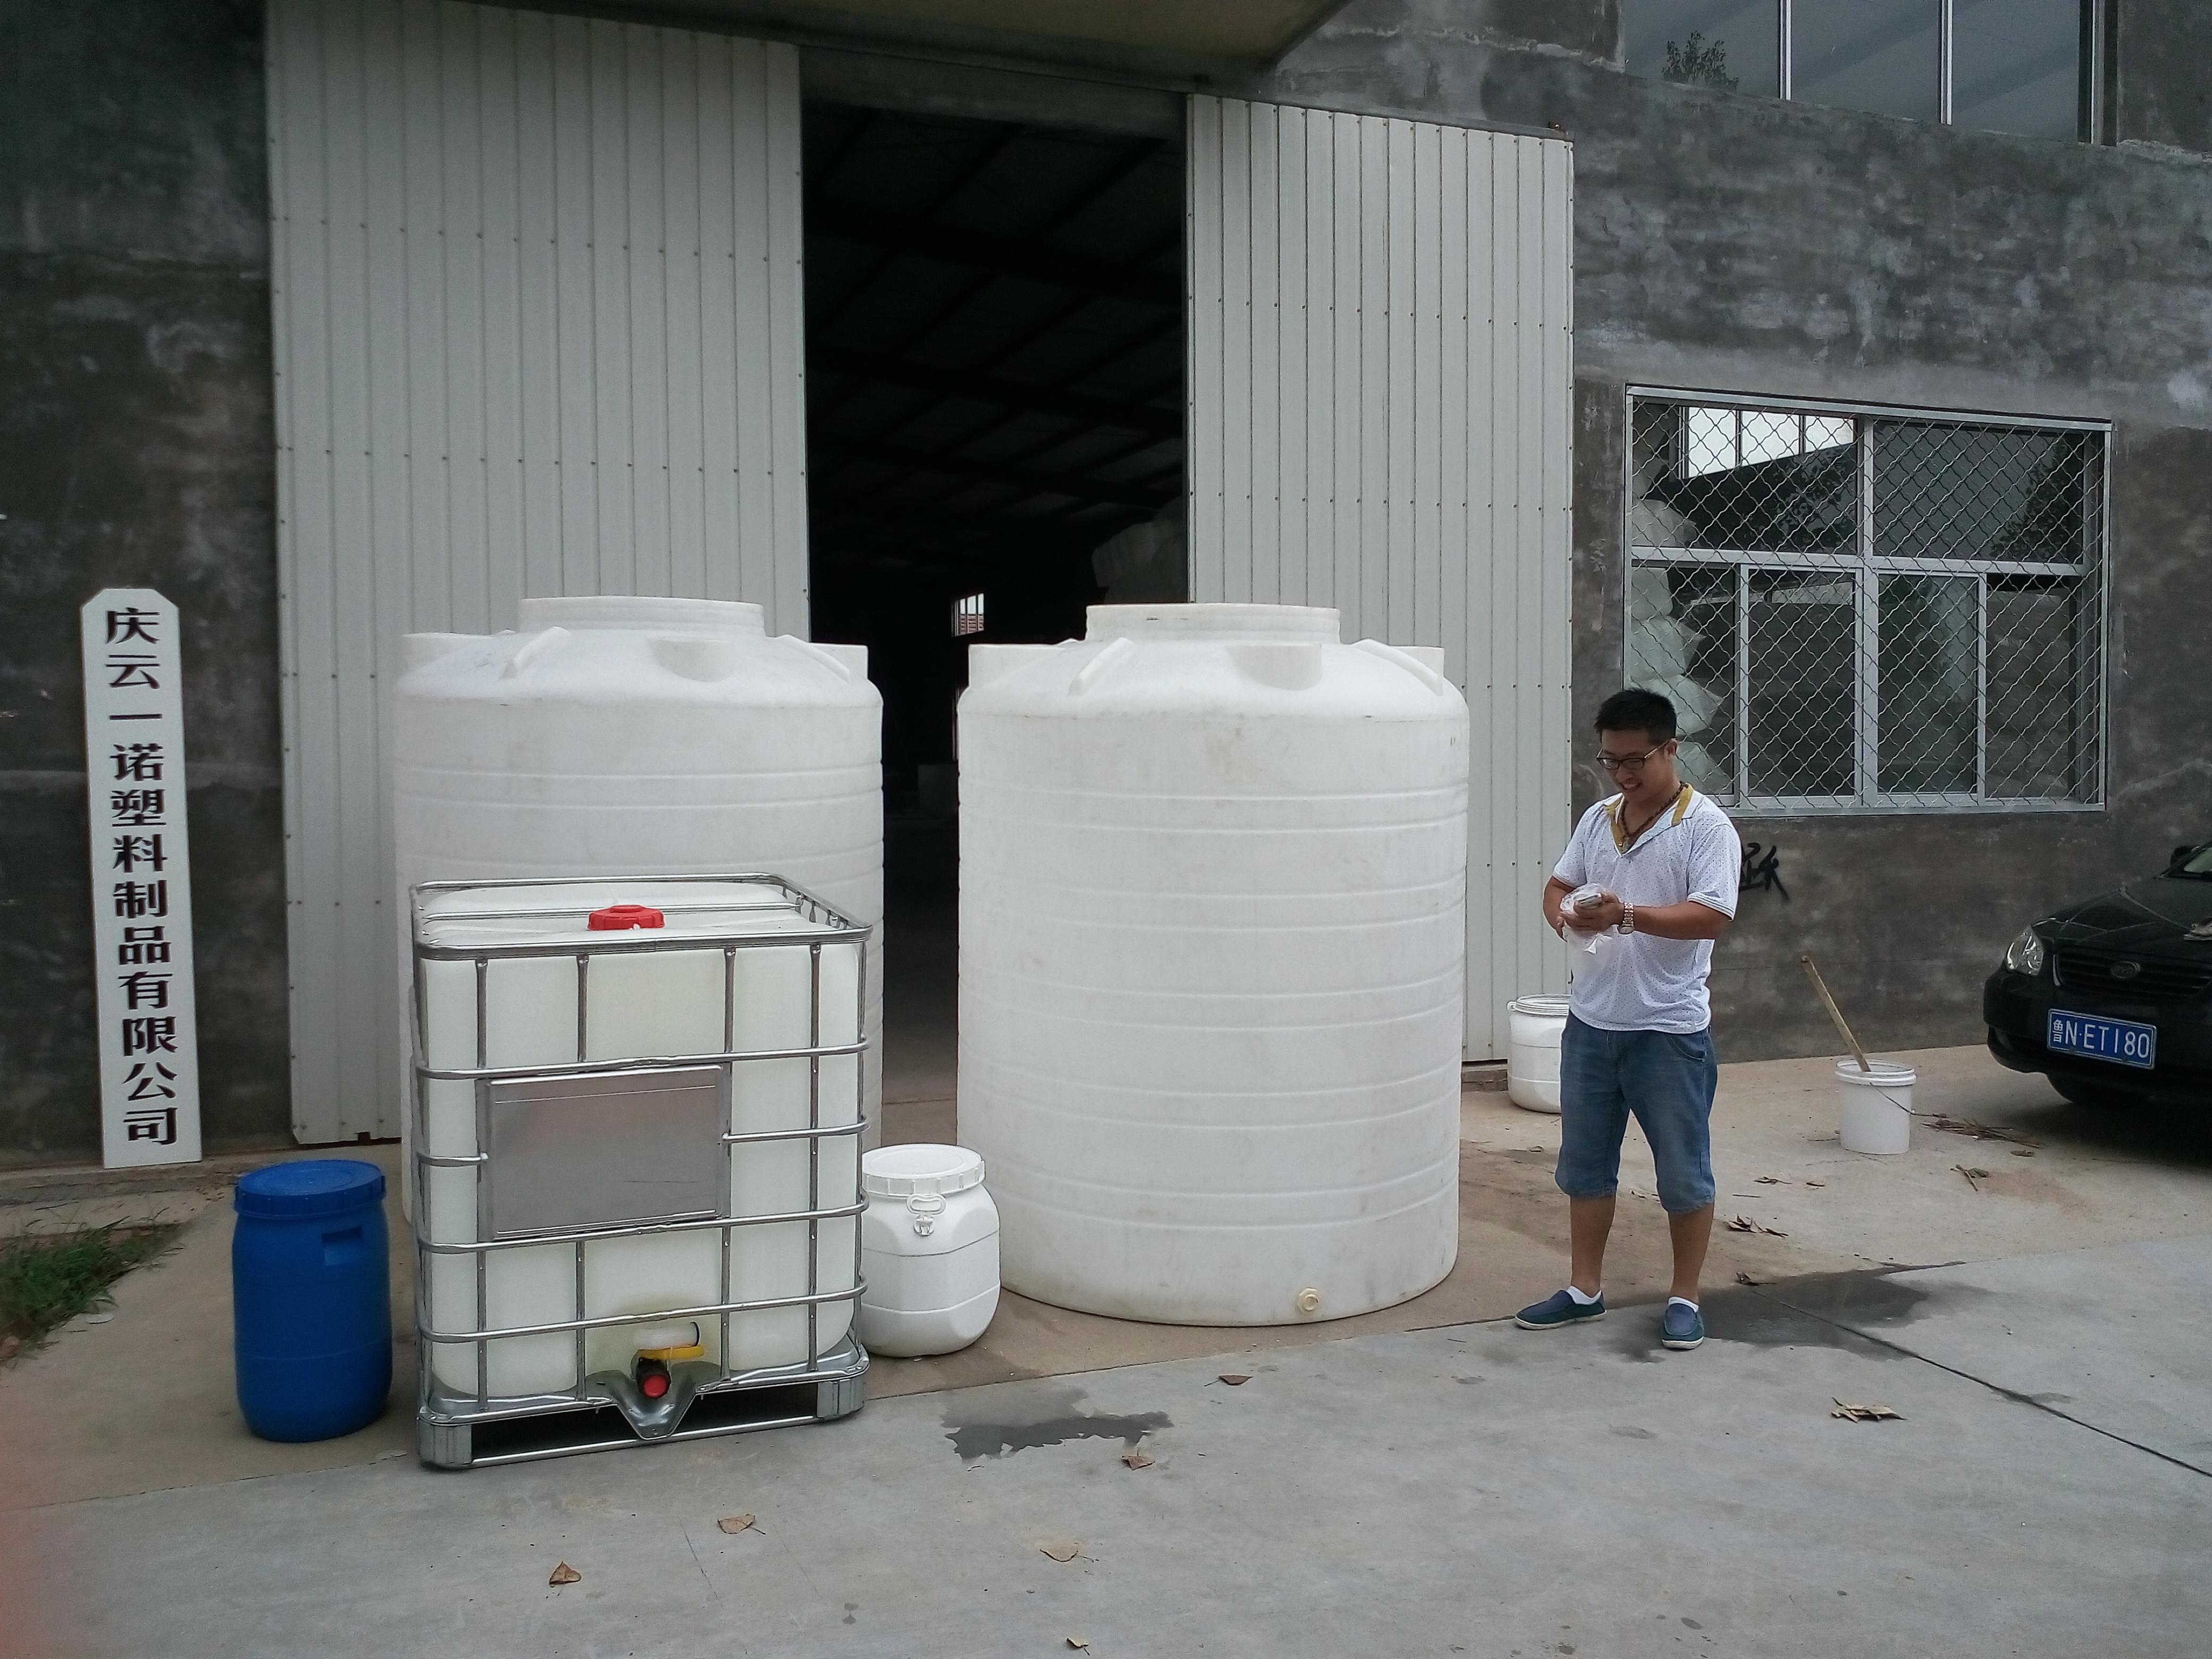 5升扁塑料桶_5升扁塑料桶批发